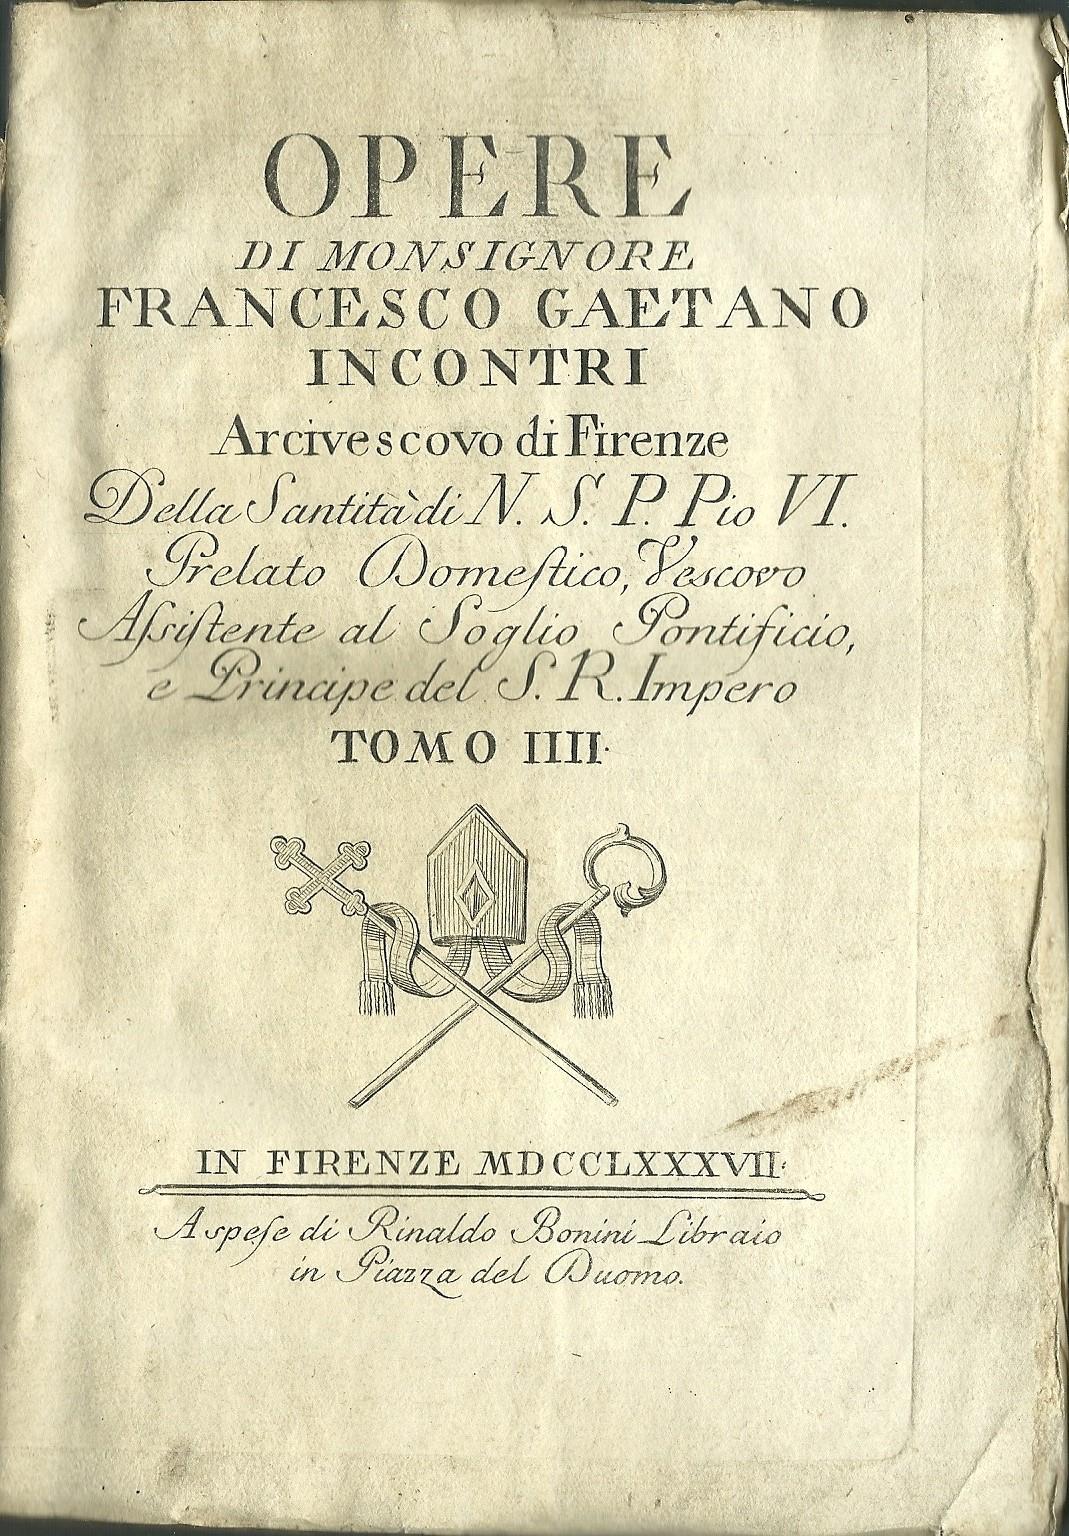 Opere di monsignore Francesco Gaetano Incontri, arcivescovo di Firenze